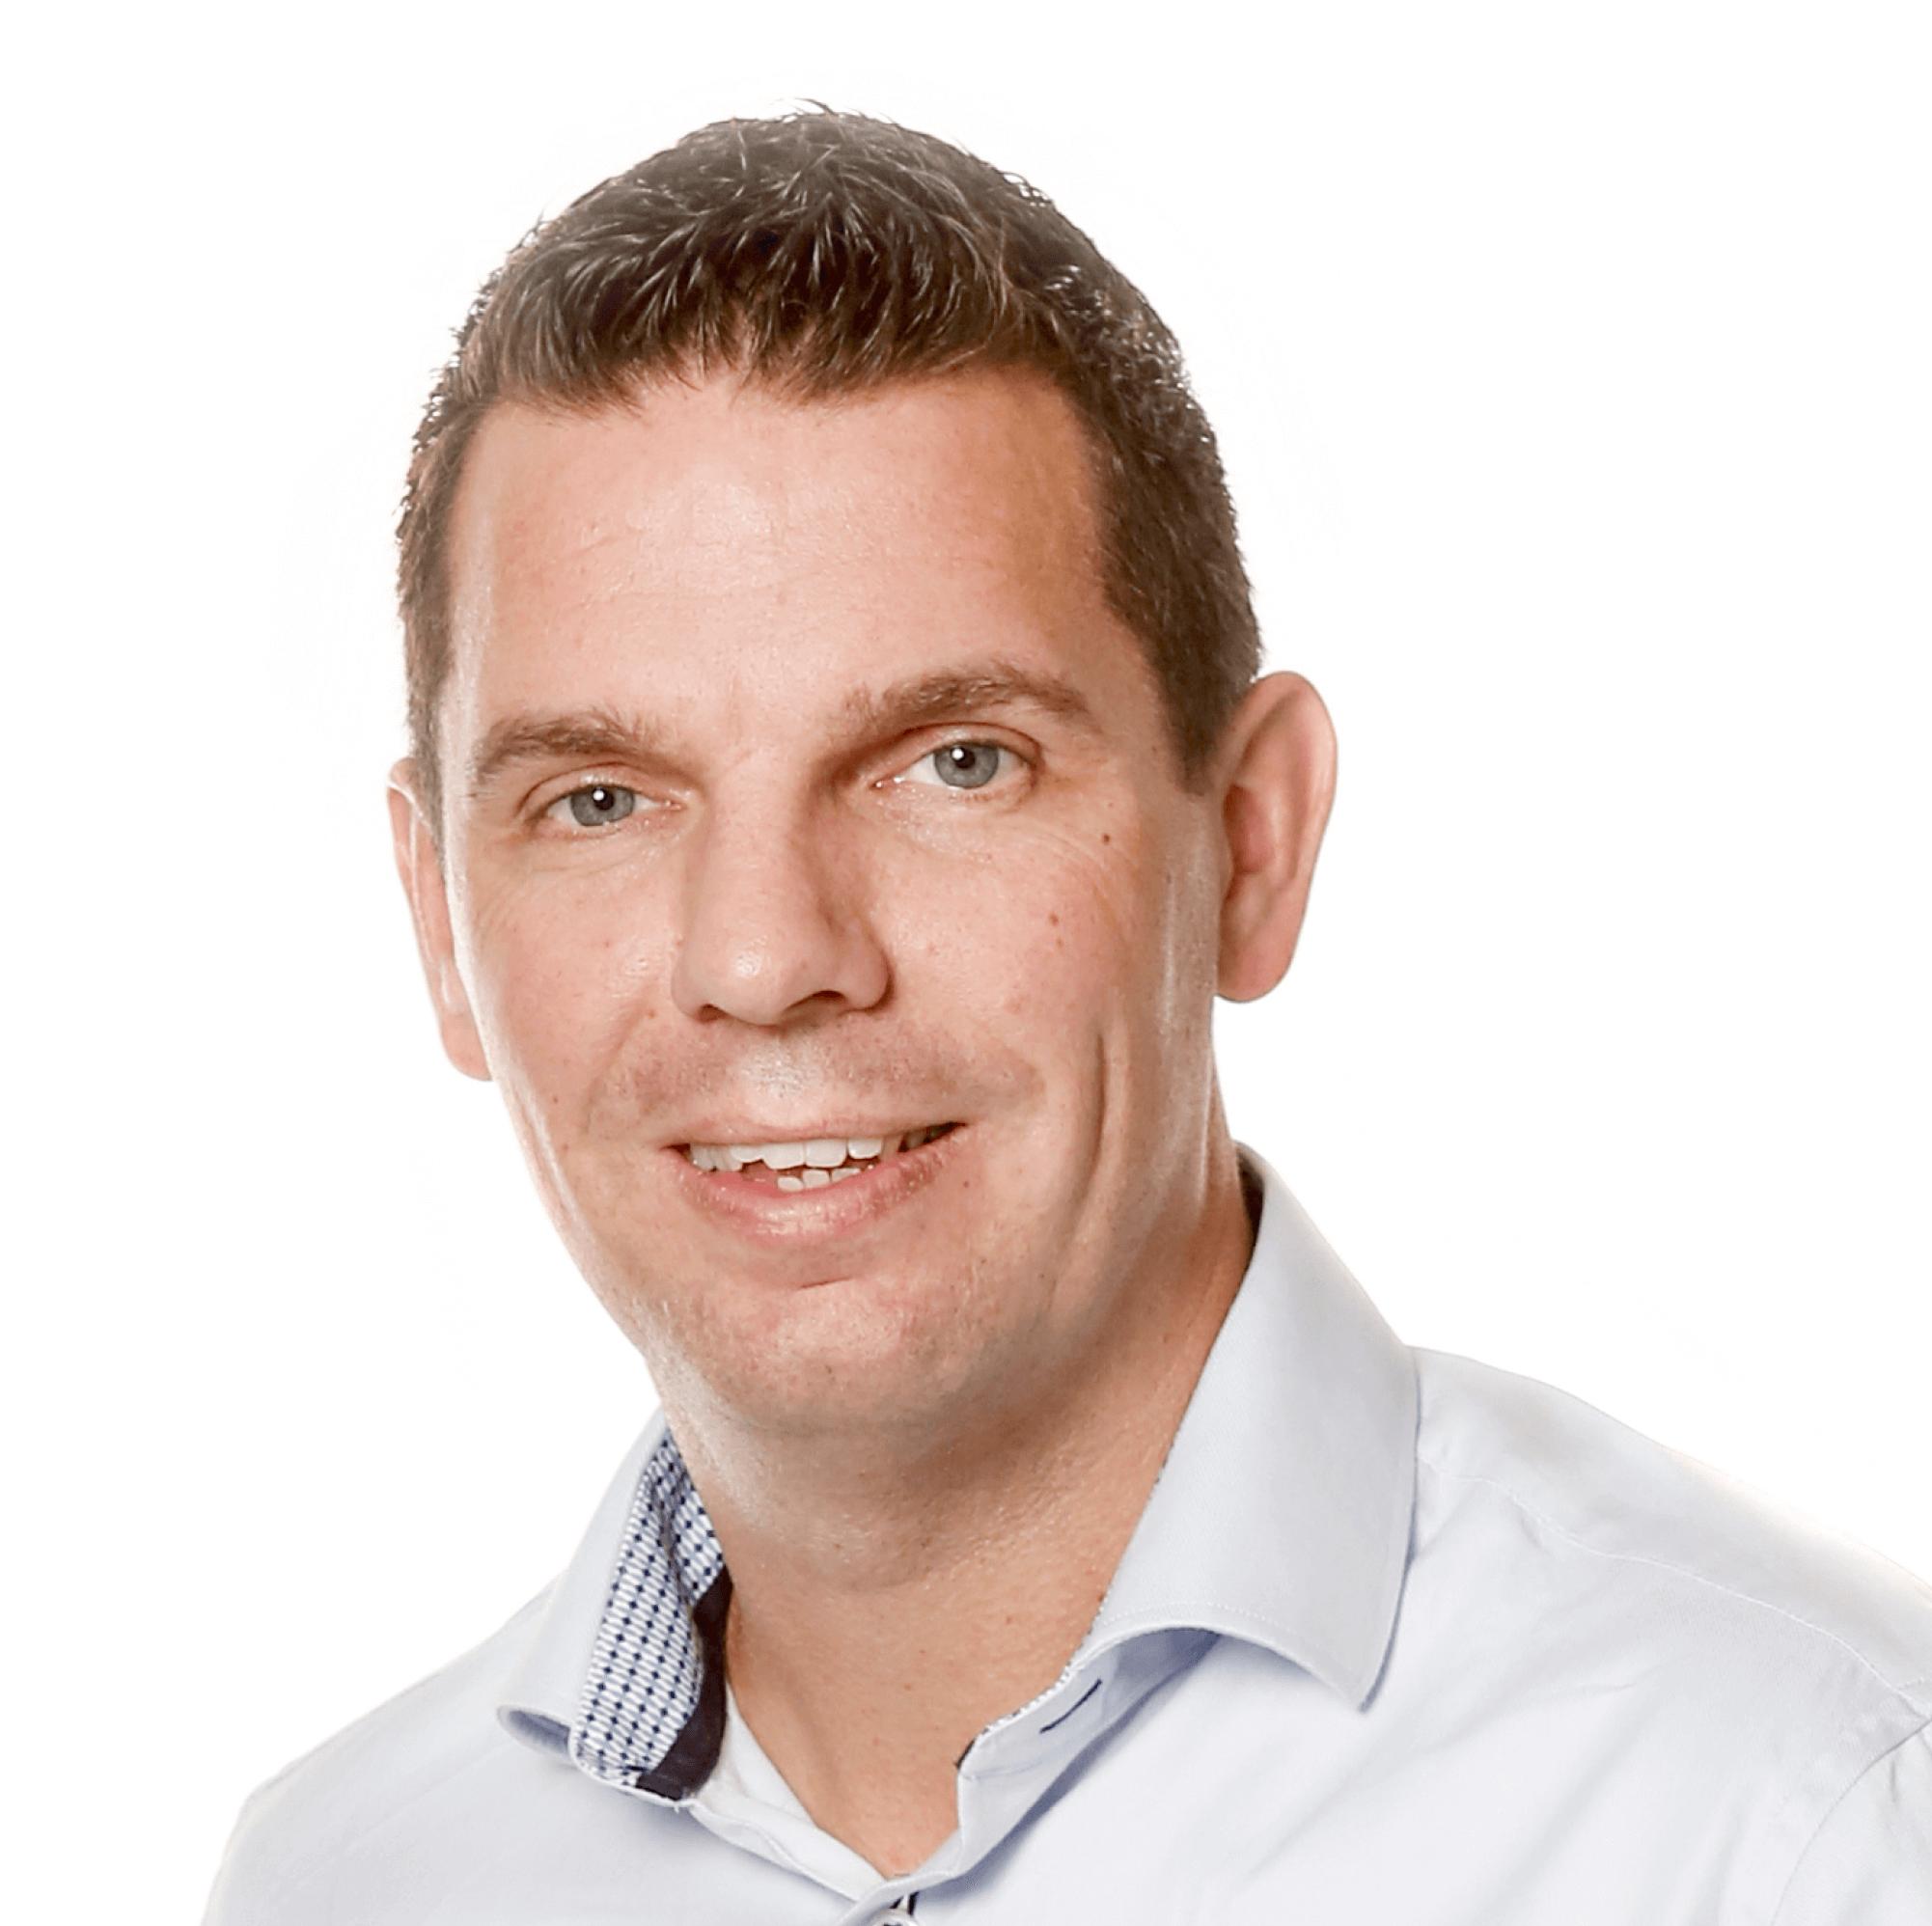 Niels Staverman